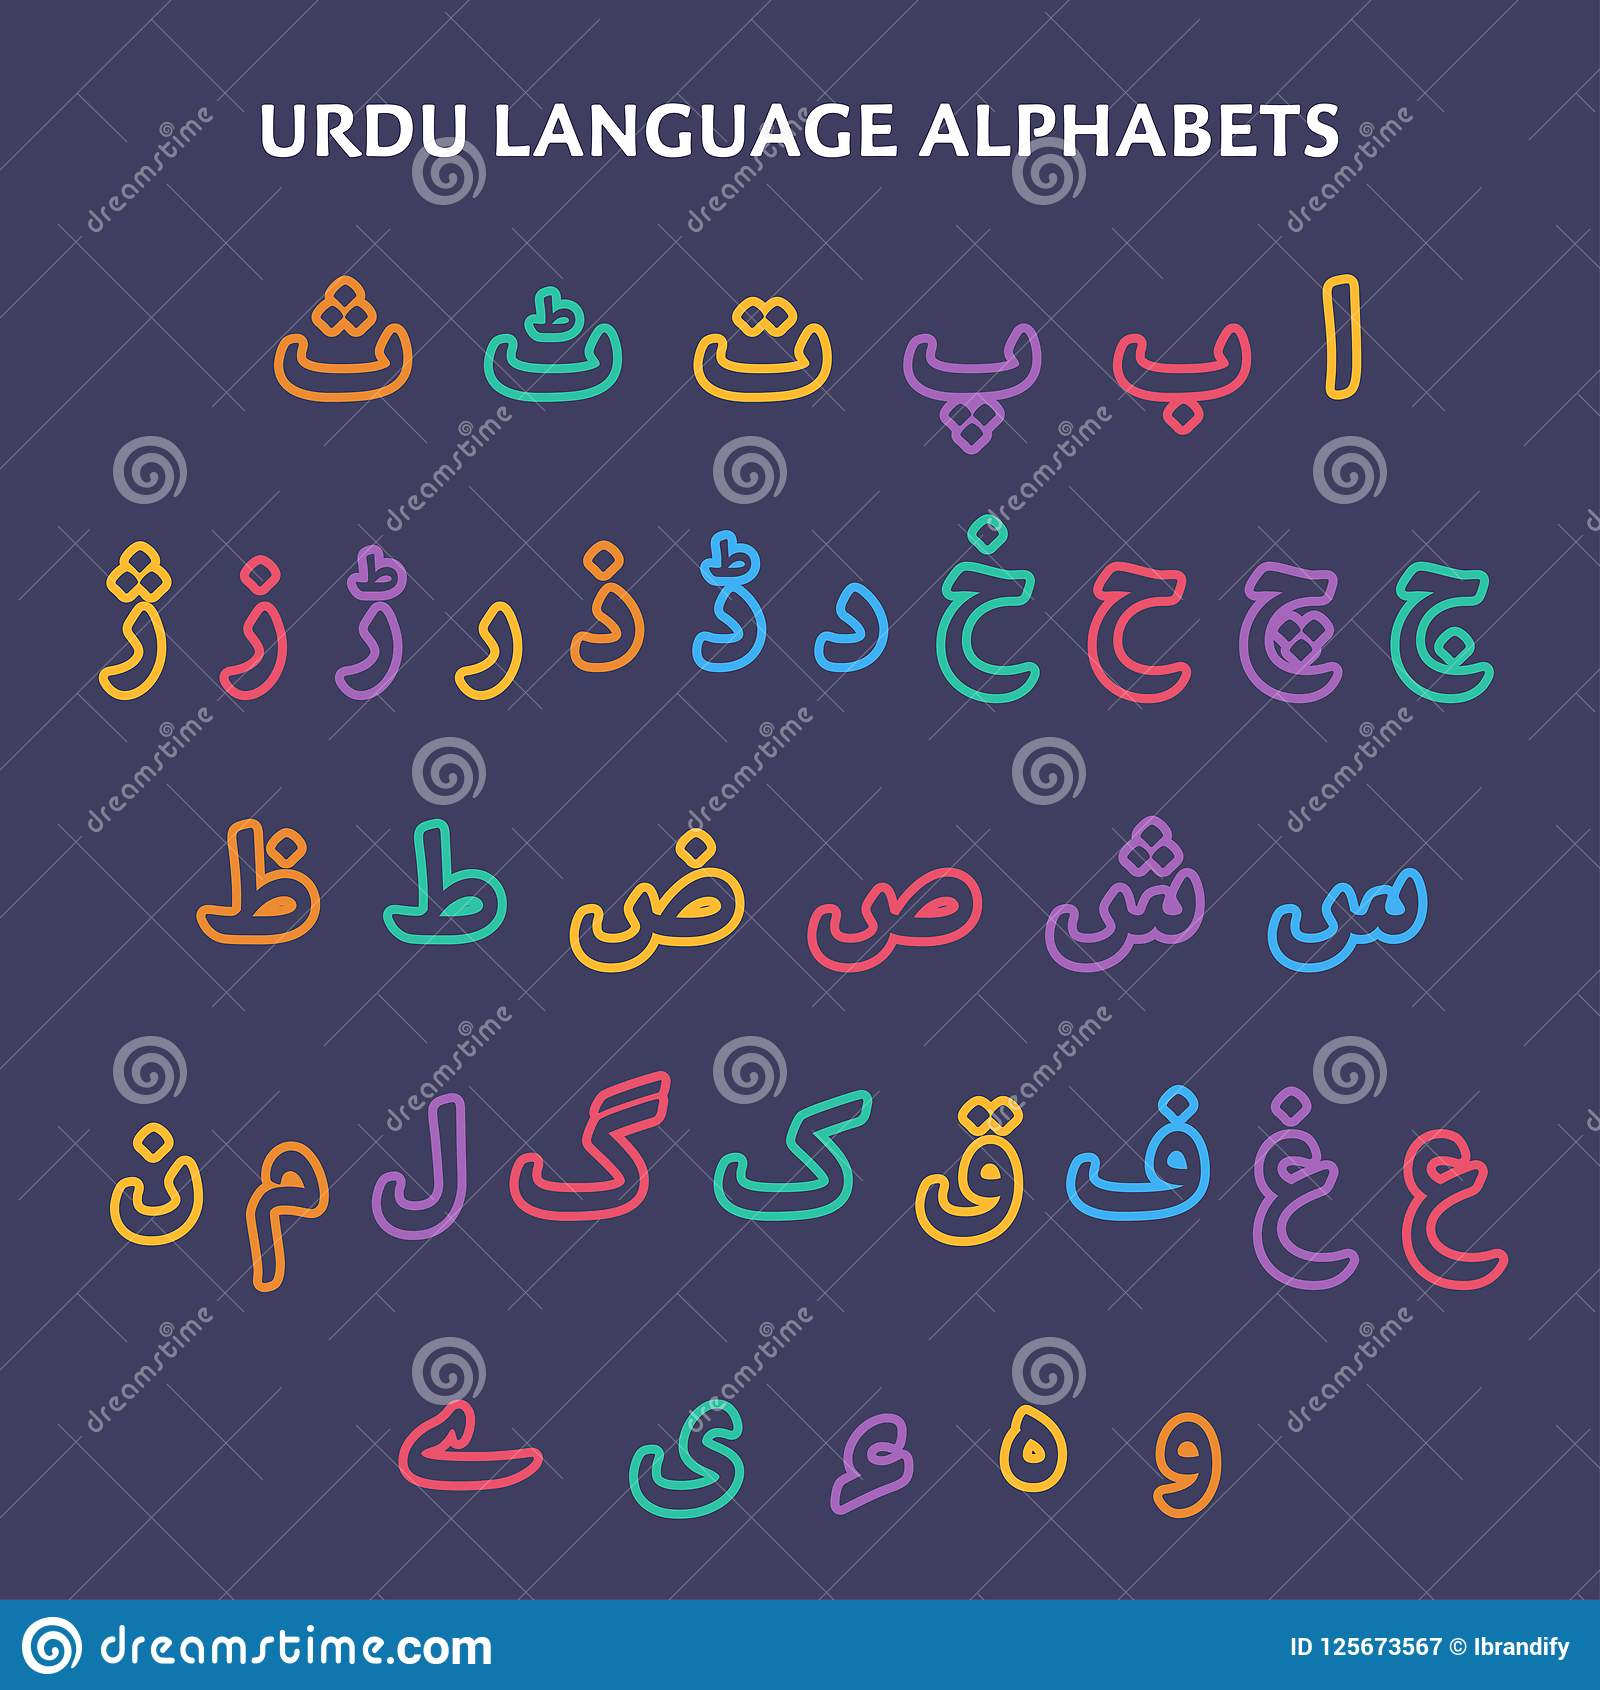 Web Designing Course Book In Urdu